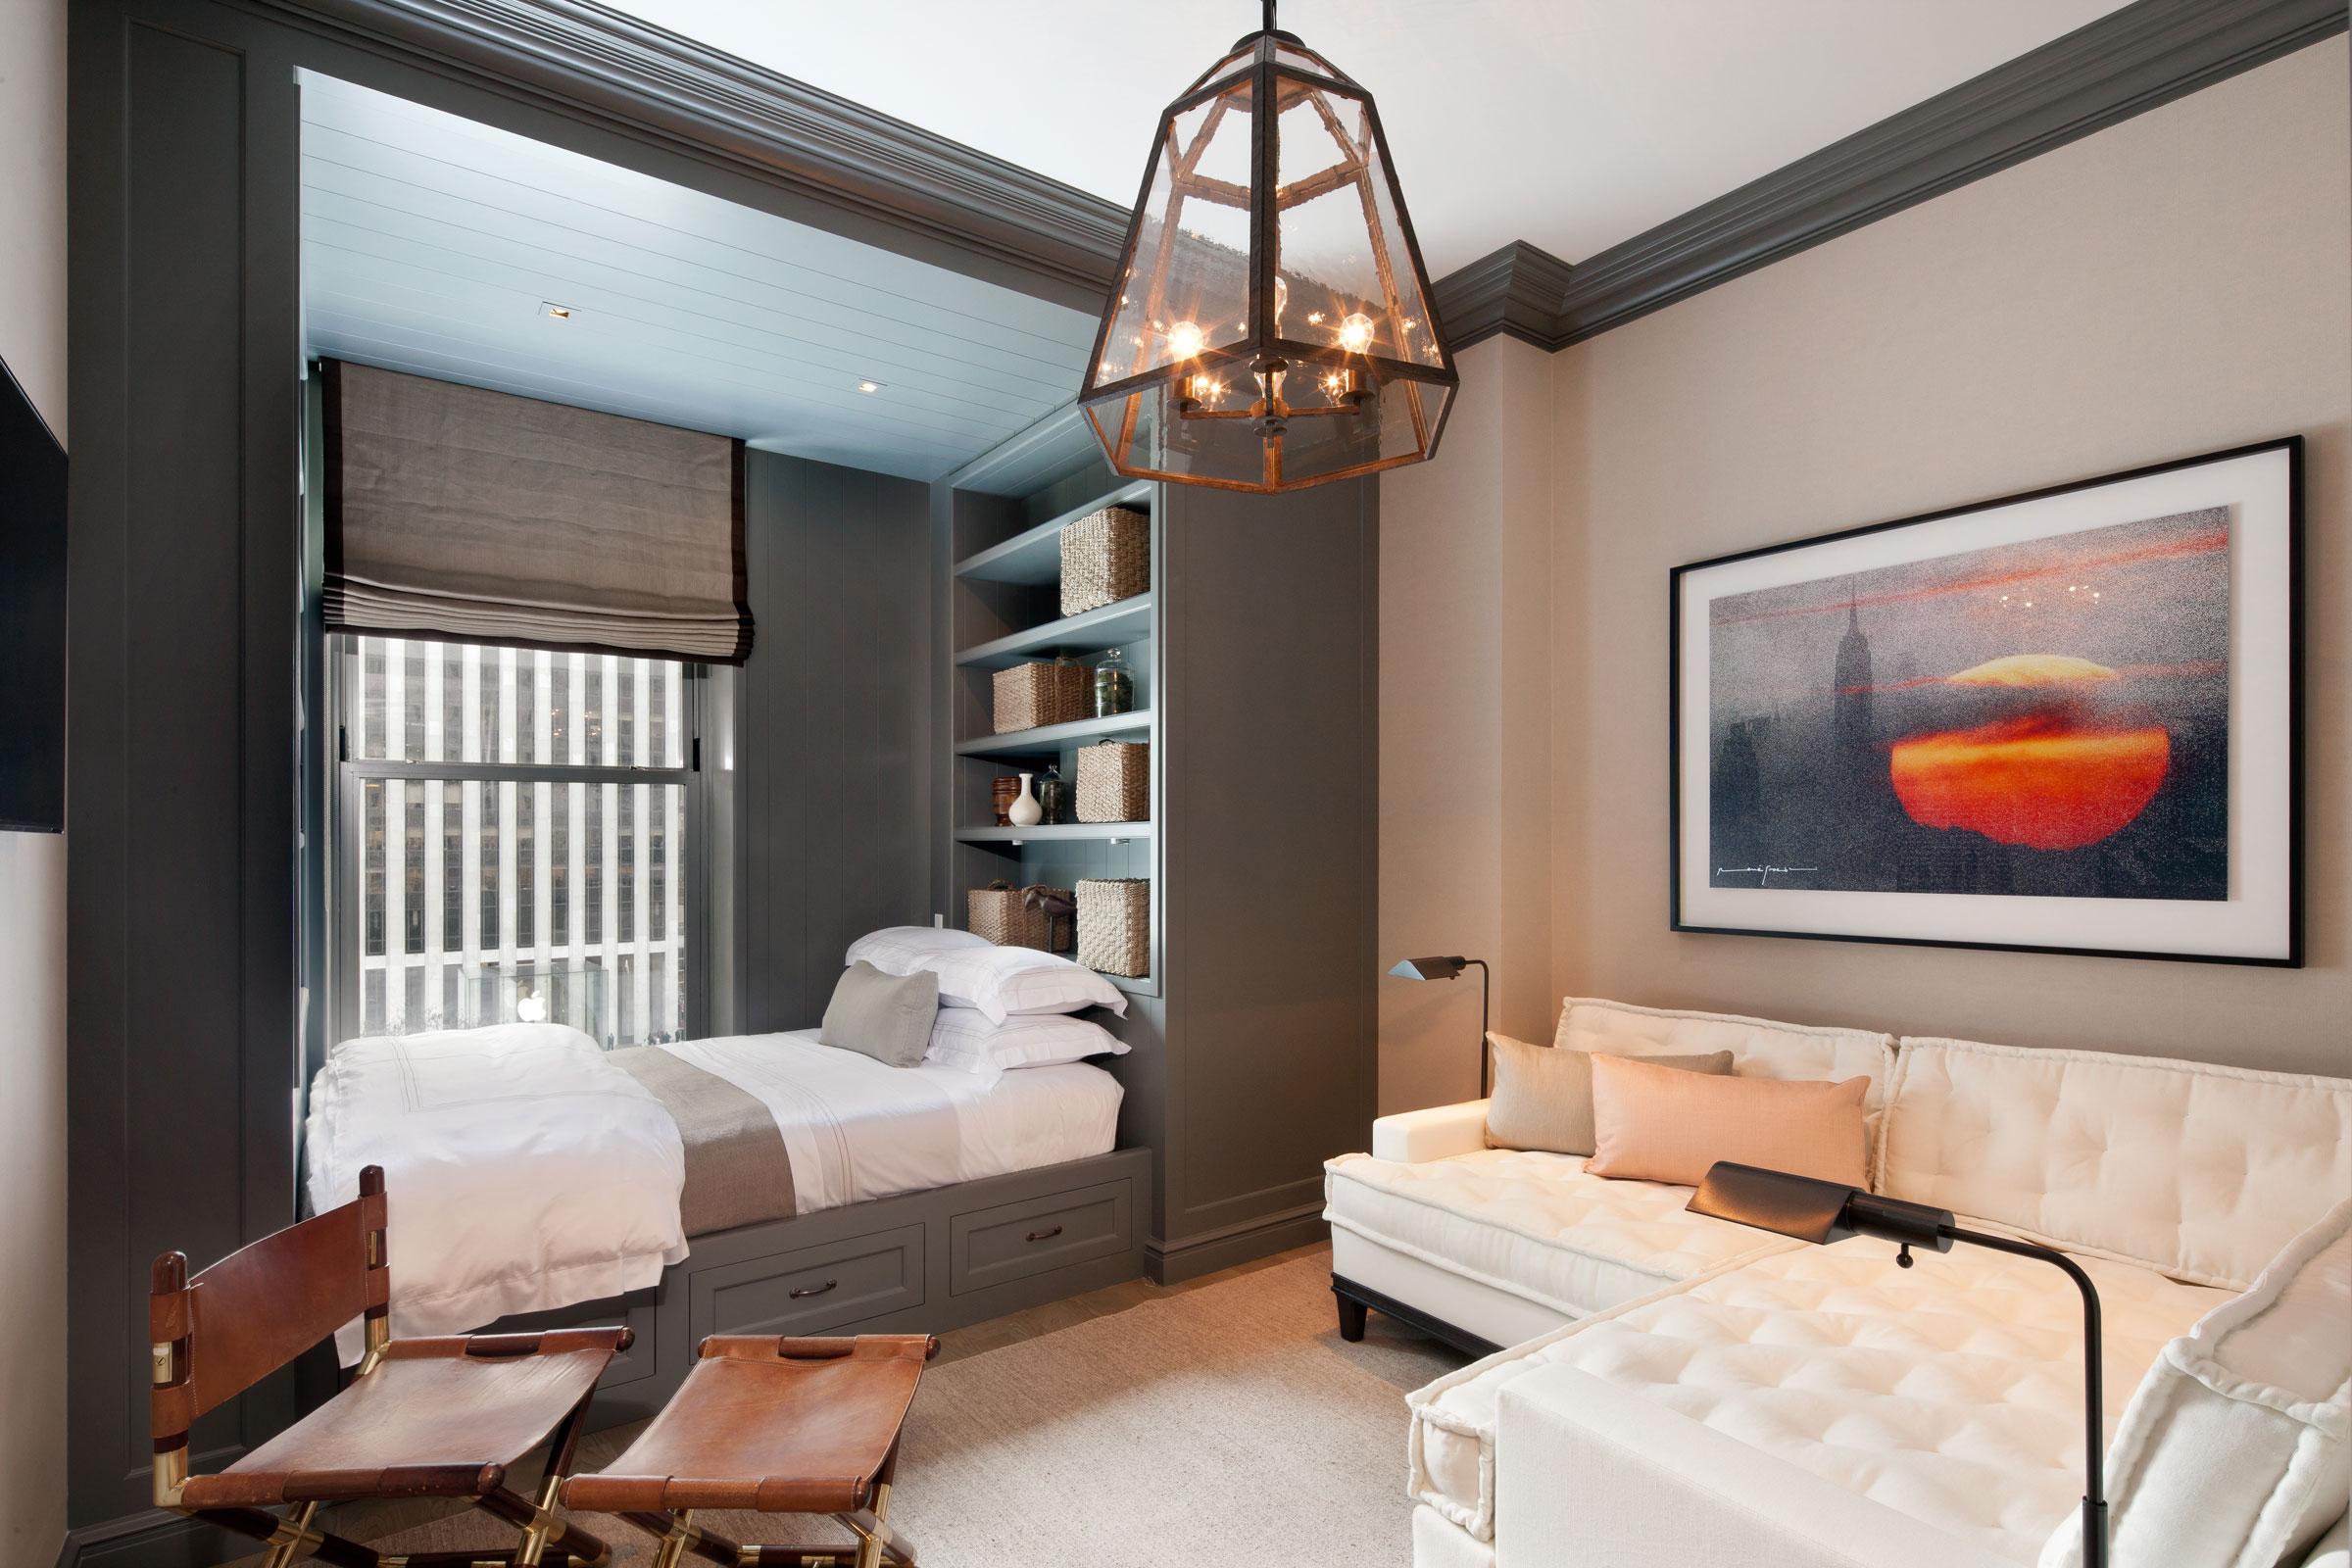 Кровать для однокомнатной квартиры фото спиральную параллельную